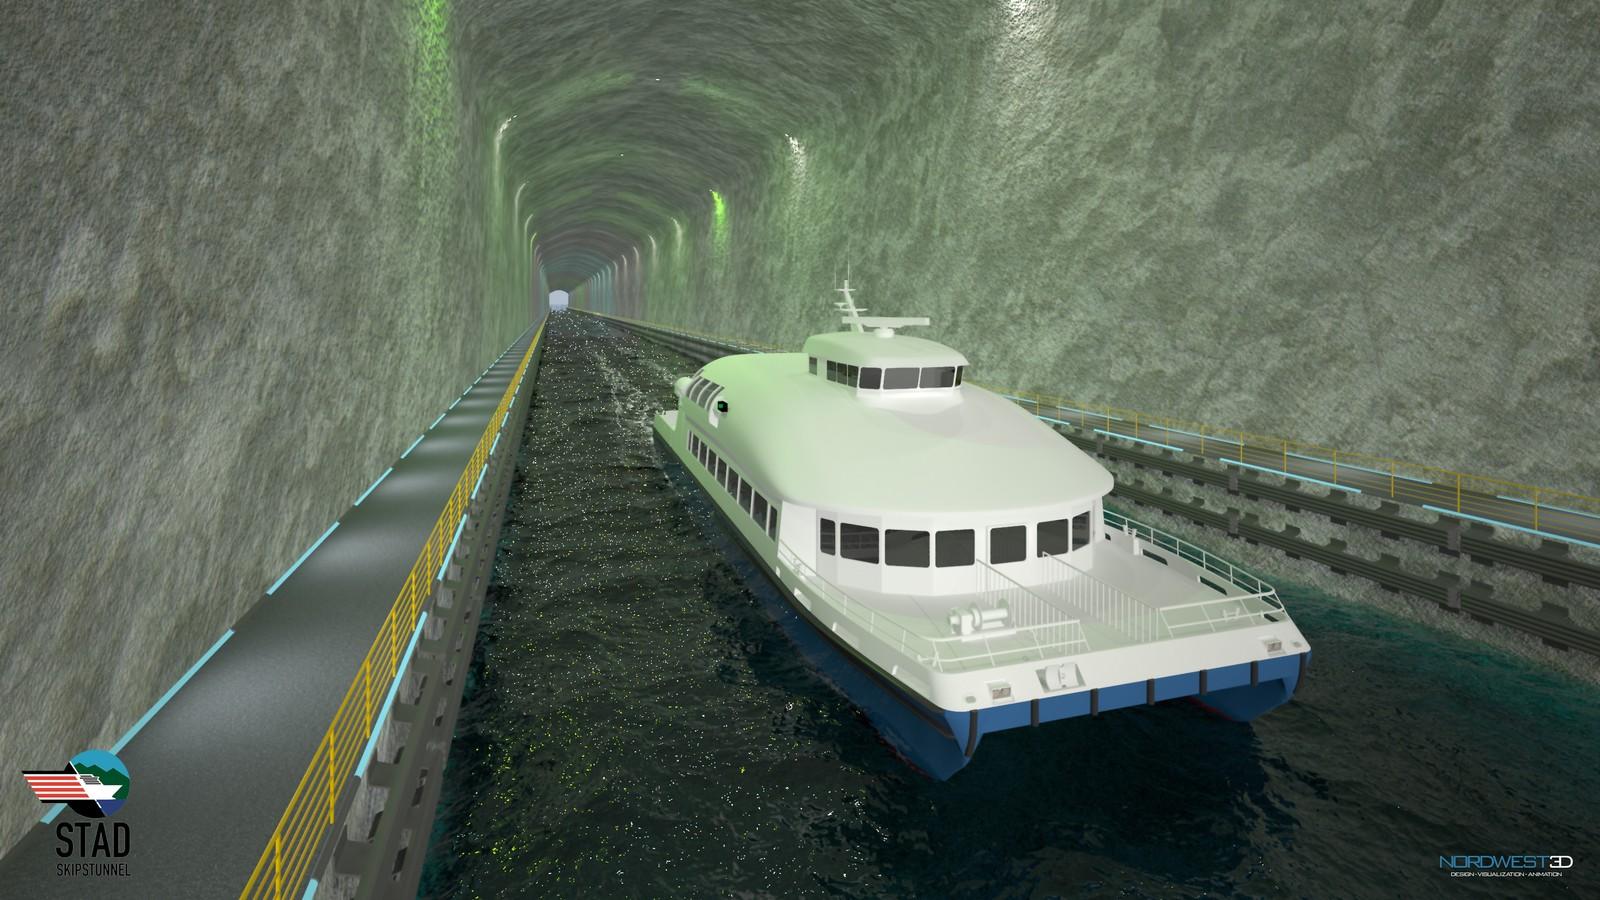 Hurtigbåt i Stad skipstunnell (illustrasjon).